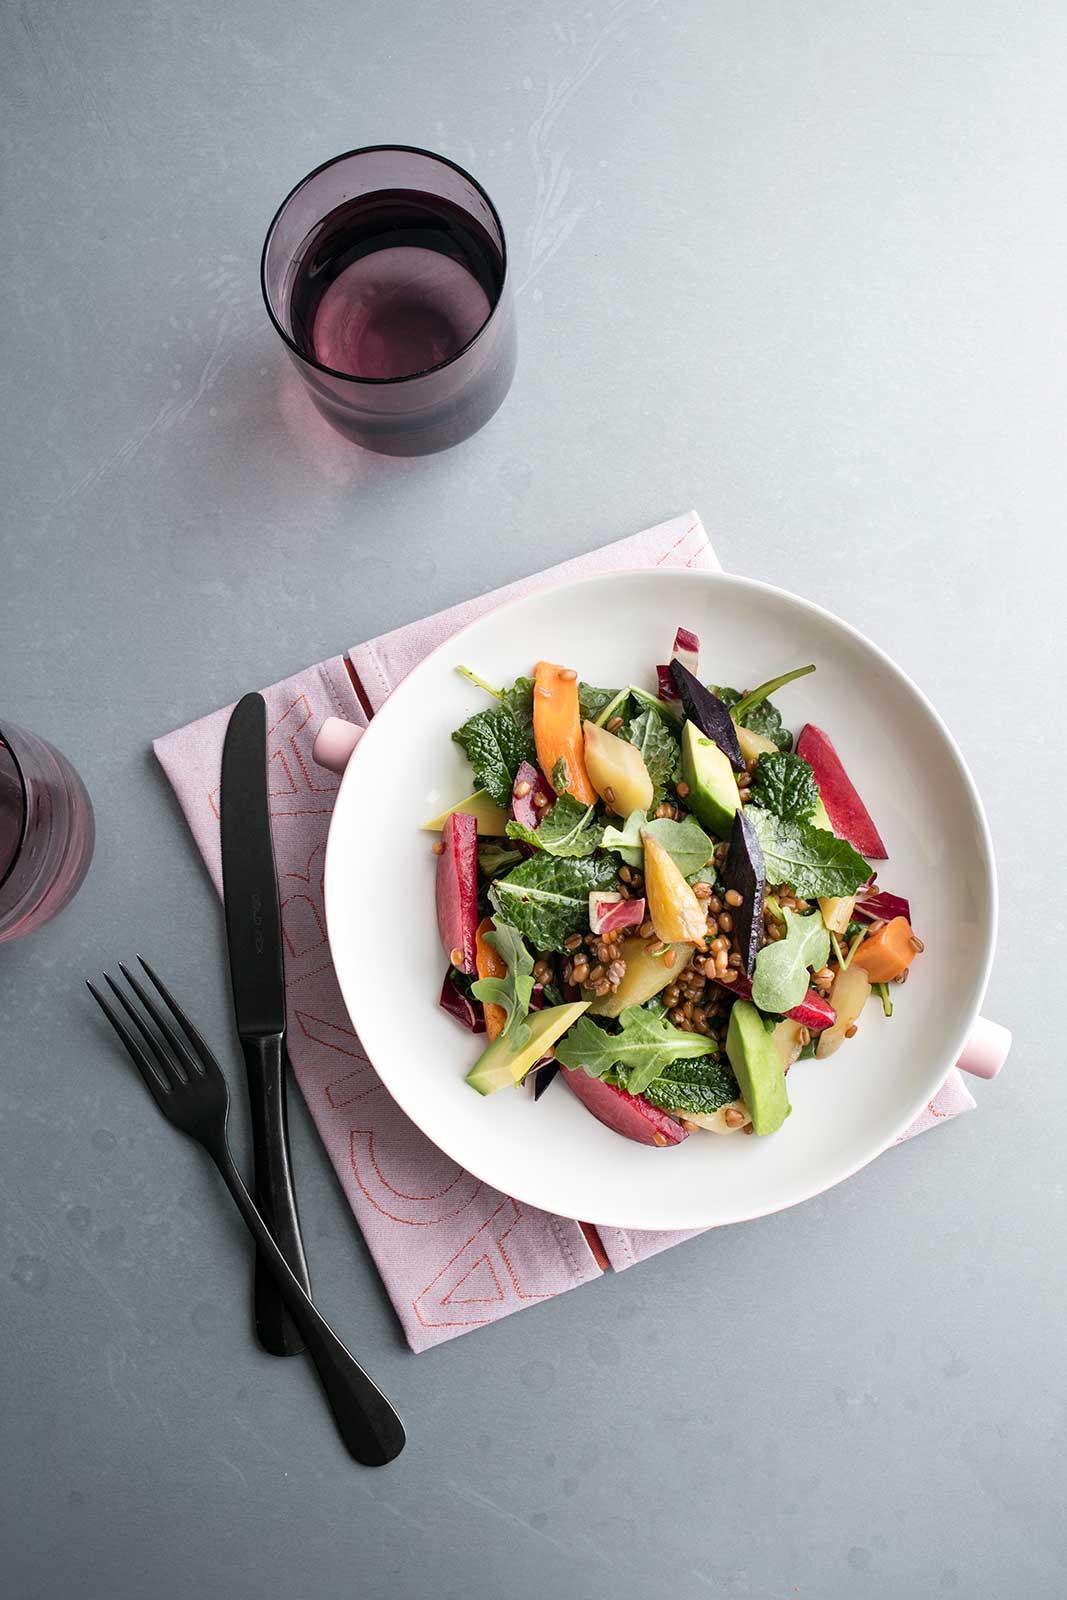 Blackbarn-Plum Salad-02.jpg